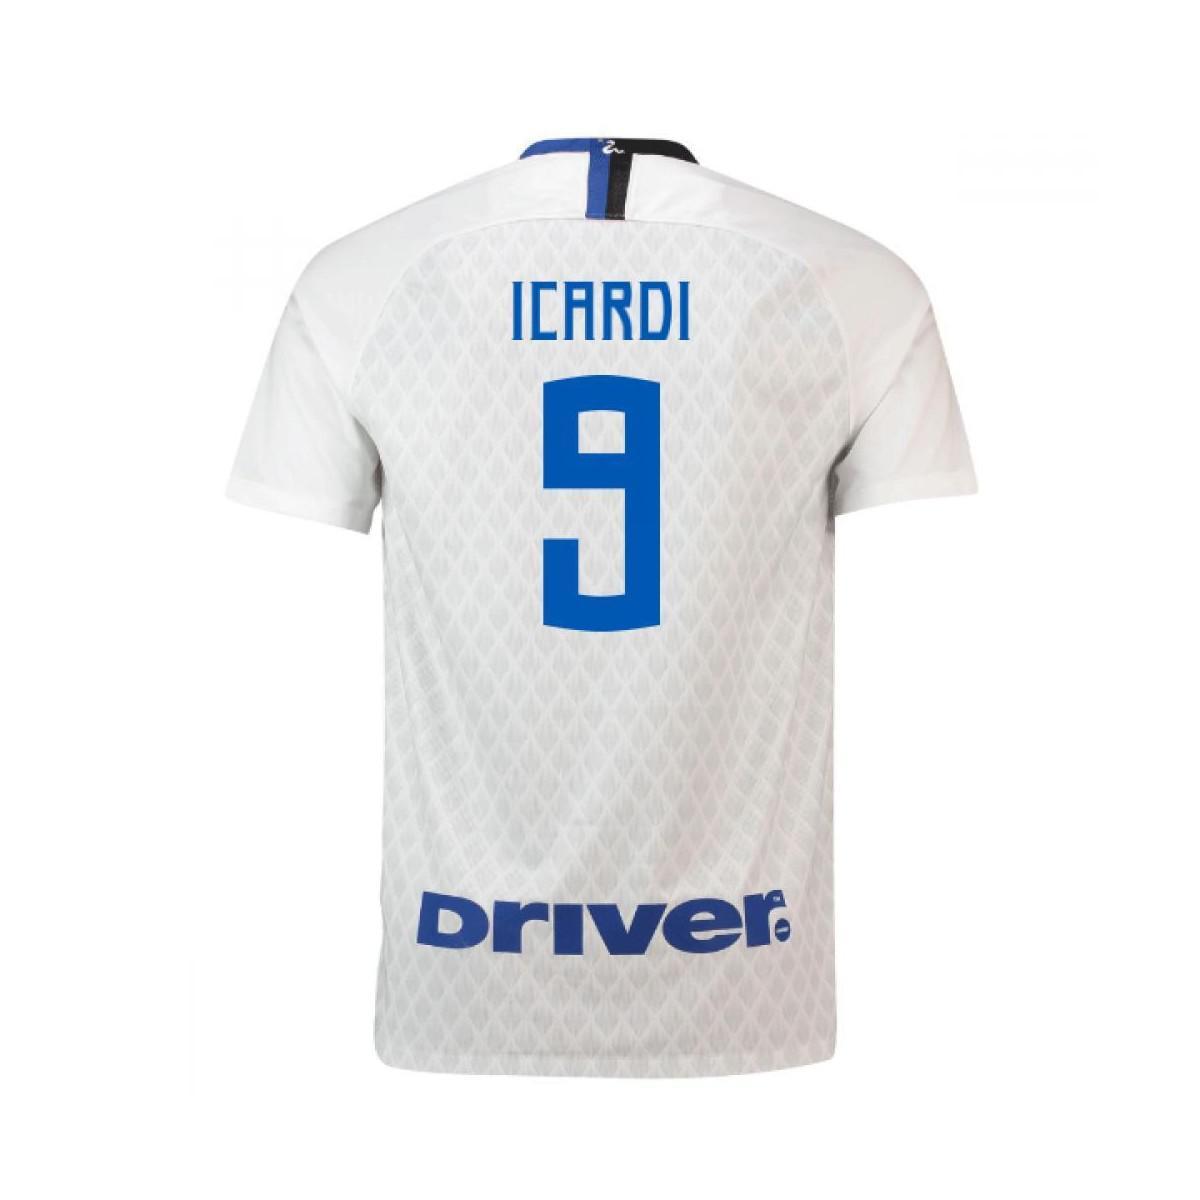 3b0485111 Nike 2018-19 Inter Milan Away Shirt (icardi 9) Men's T Shirt In ...